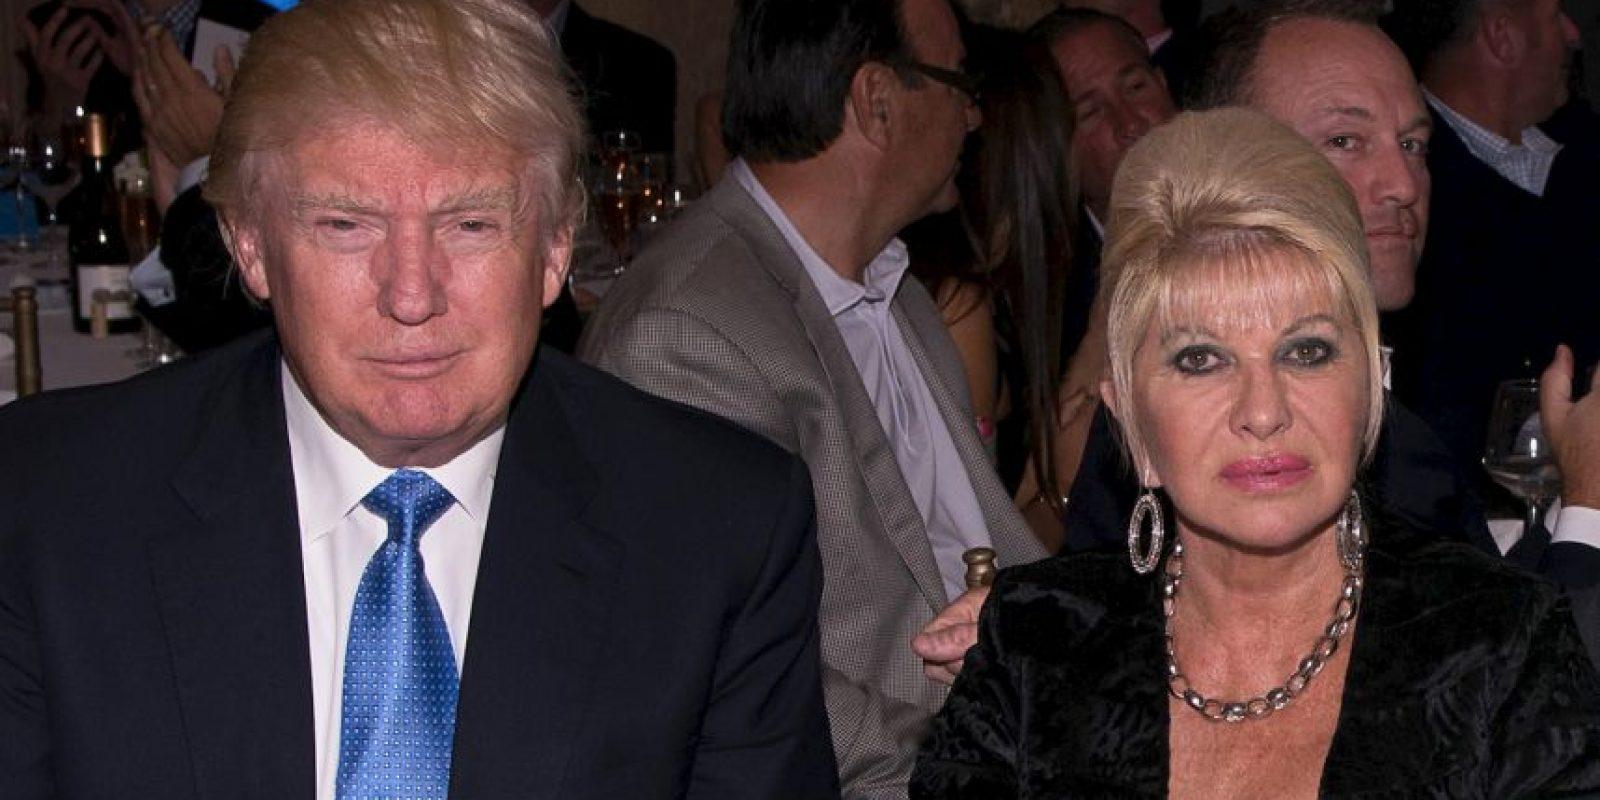 Trump estuvo casado con Ivana Trump, modelo checoslovaca. Foto:Getty Images